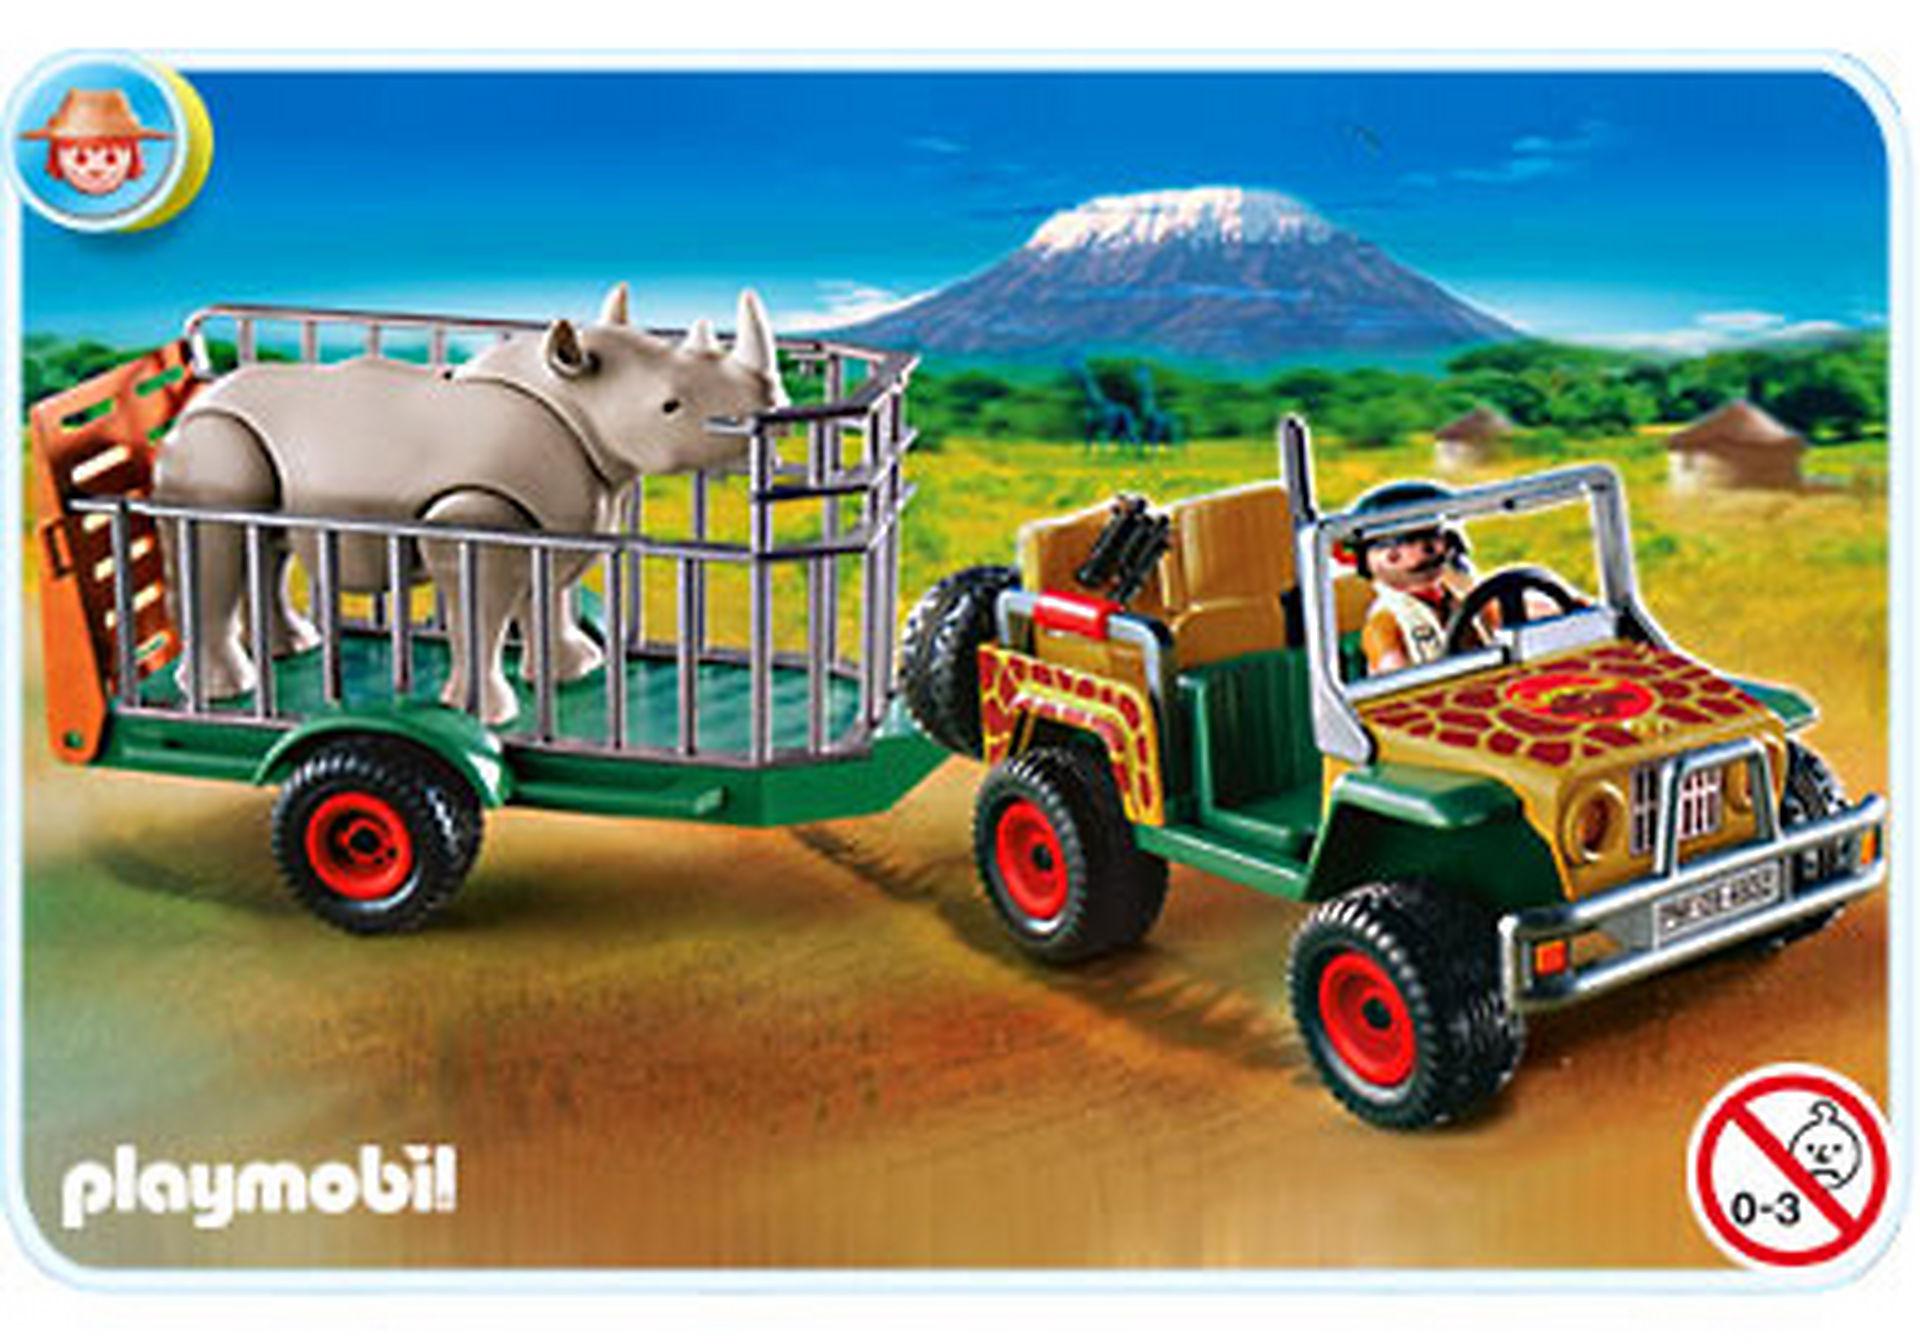 4832-A Rangerfahrzeug mit Nashorn zoom image1